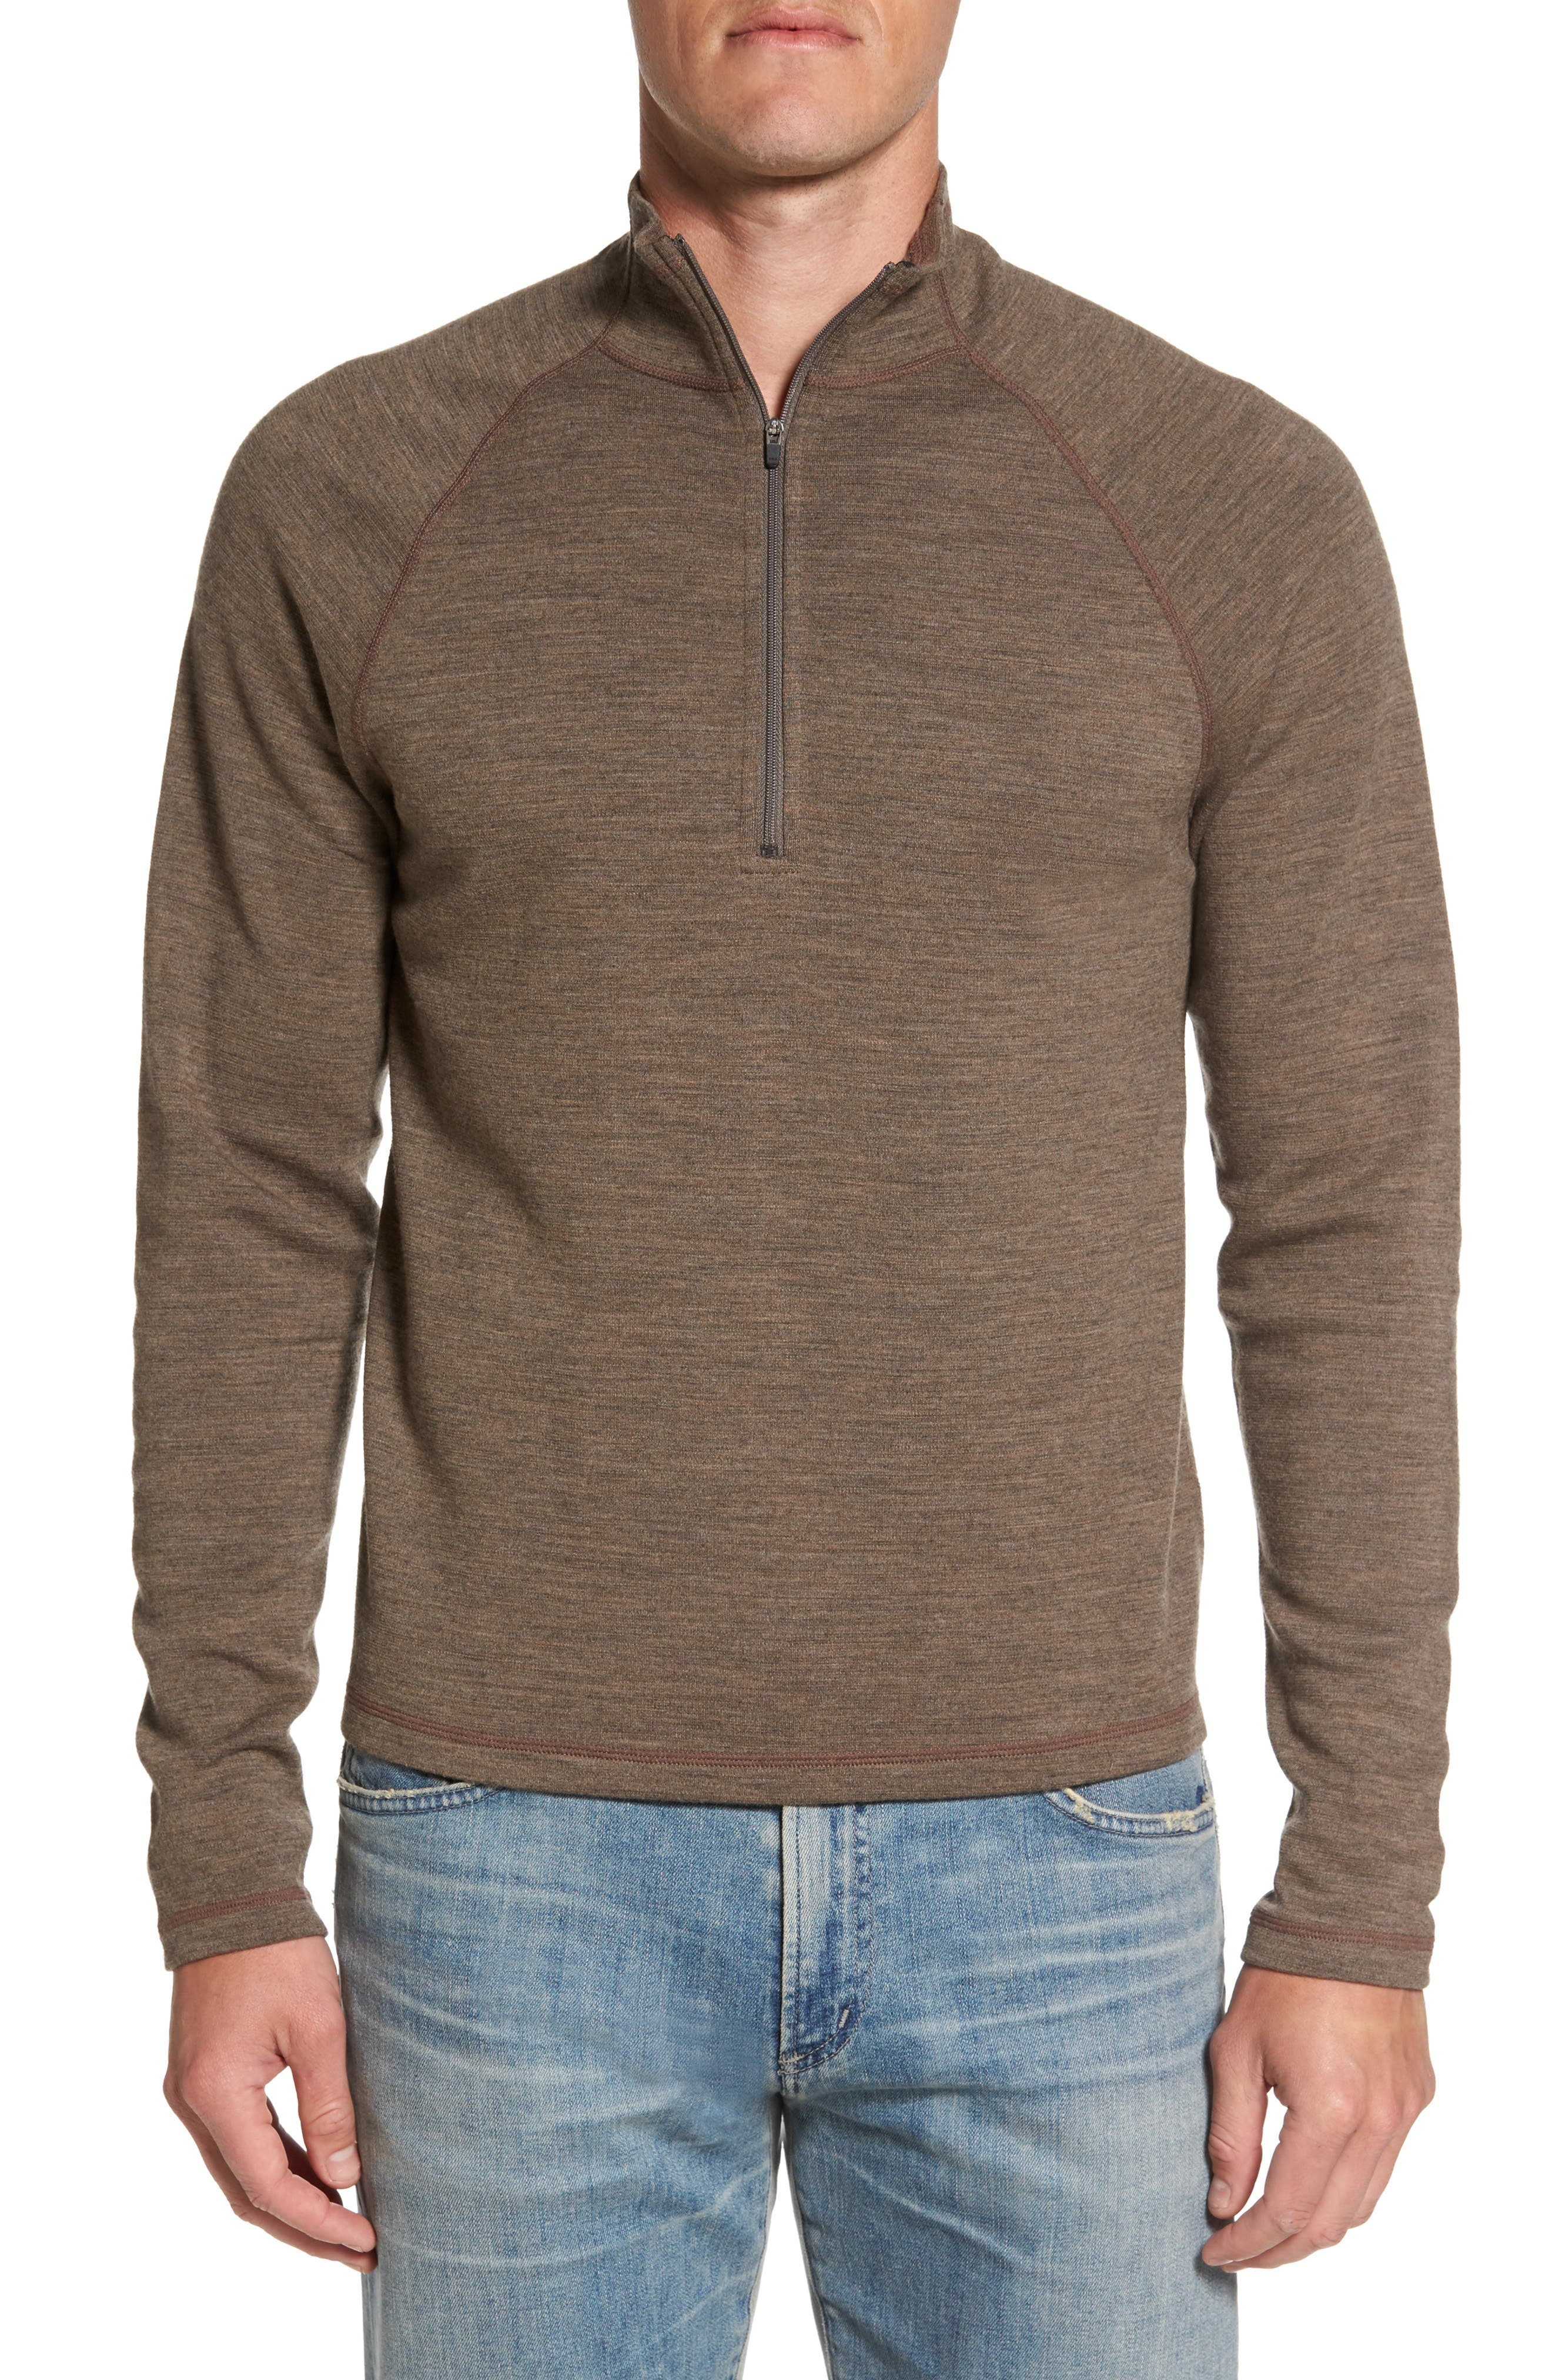 Main Image - ibex 'Shak' Merino Wool Quarter Zip Top